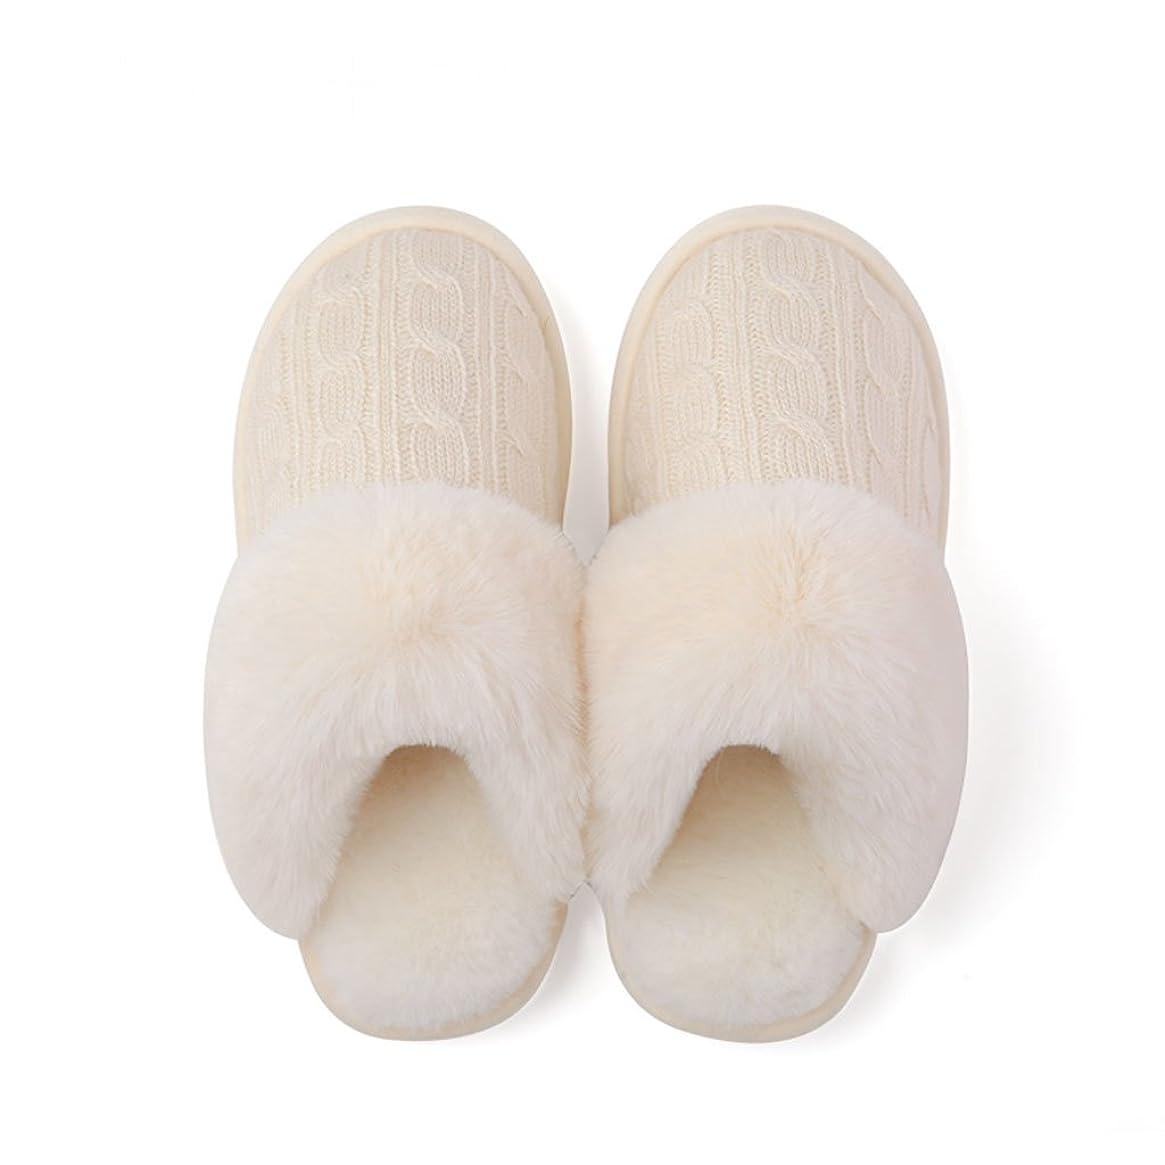 きらめき発火するストレッチホーム愛好家の綿のスリッパ女性の冬の室内温かいスリップ滑り止めの厚い靴 ( 色 : Pattern 2 , サイズ さいず : EUR:35-36 )